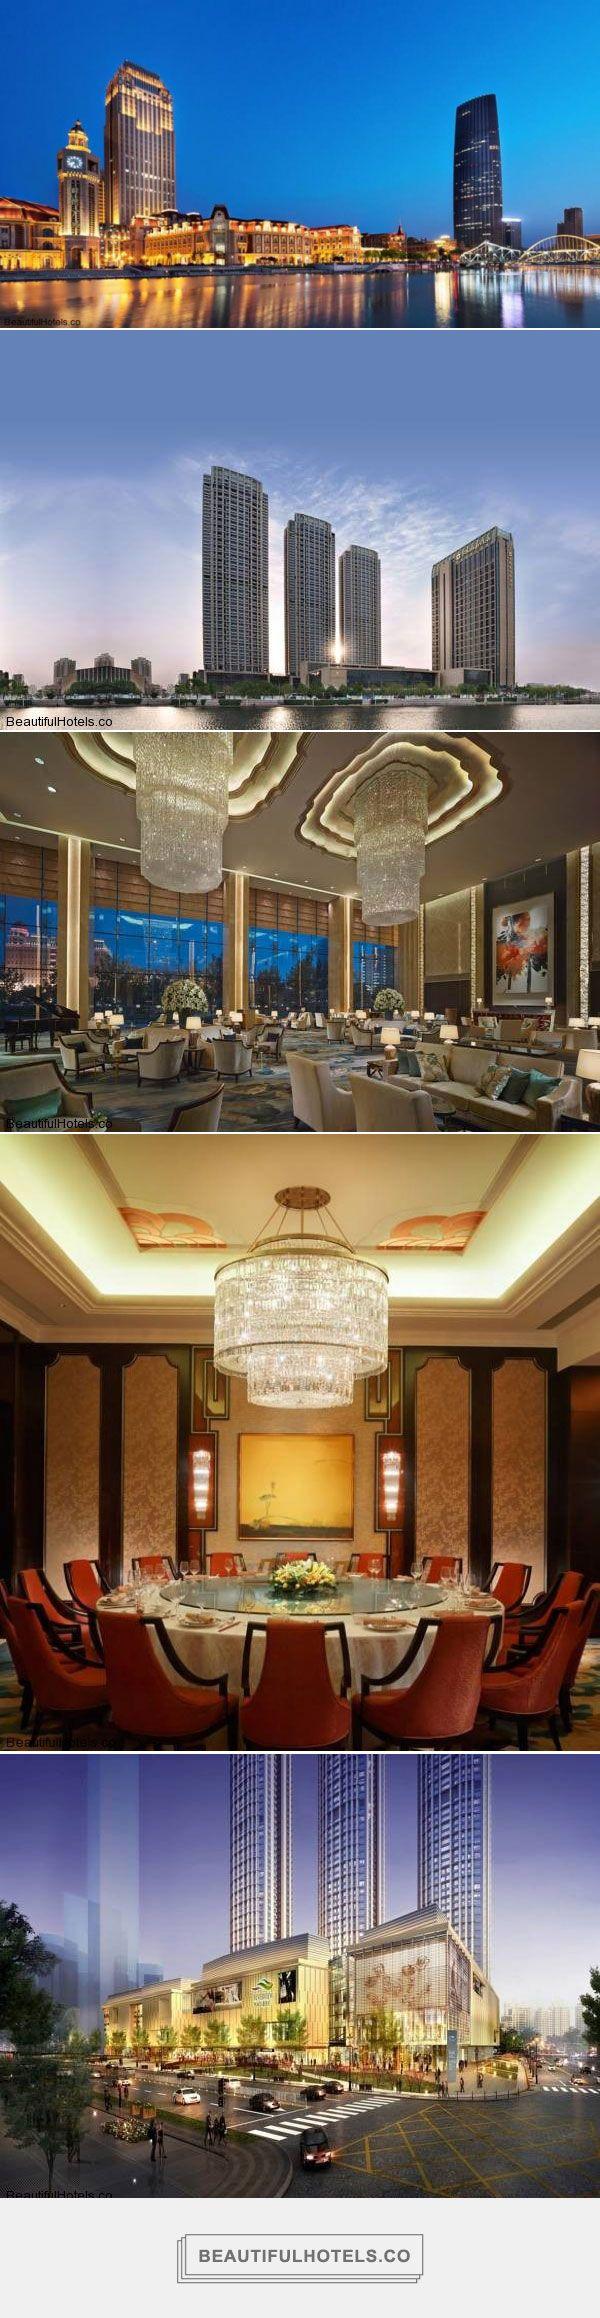 Shangri-La Hotel Tianjin (Tianjin, China)